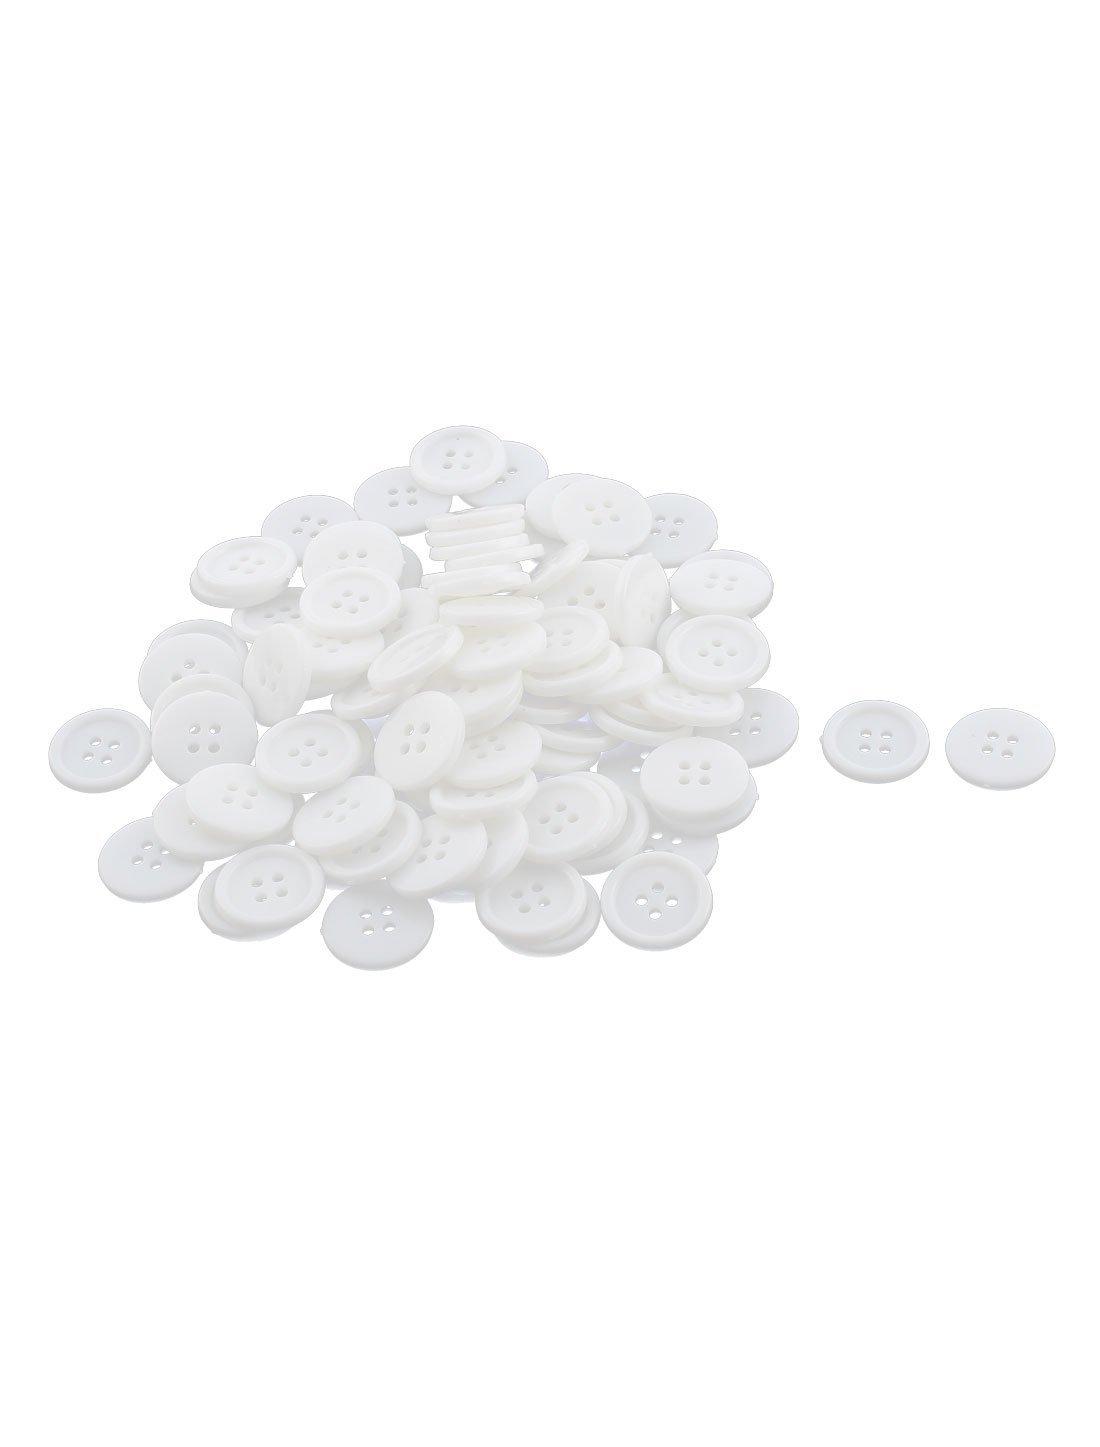 プラスチック製4つの穴ミシンボタンアップリケ17ミリメートルダイヤの100pcsホワイト   B072HC4T48